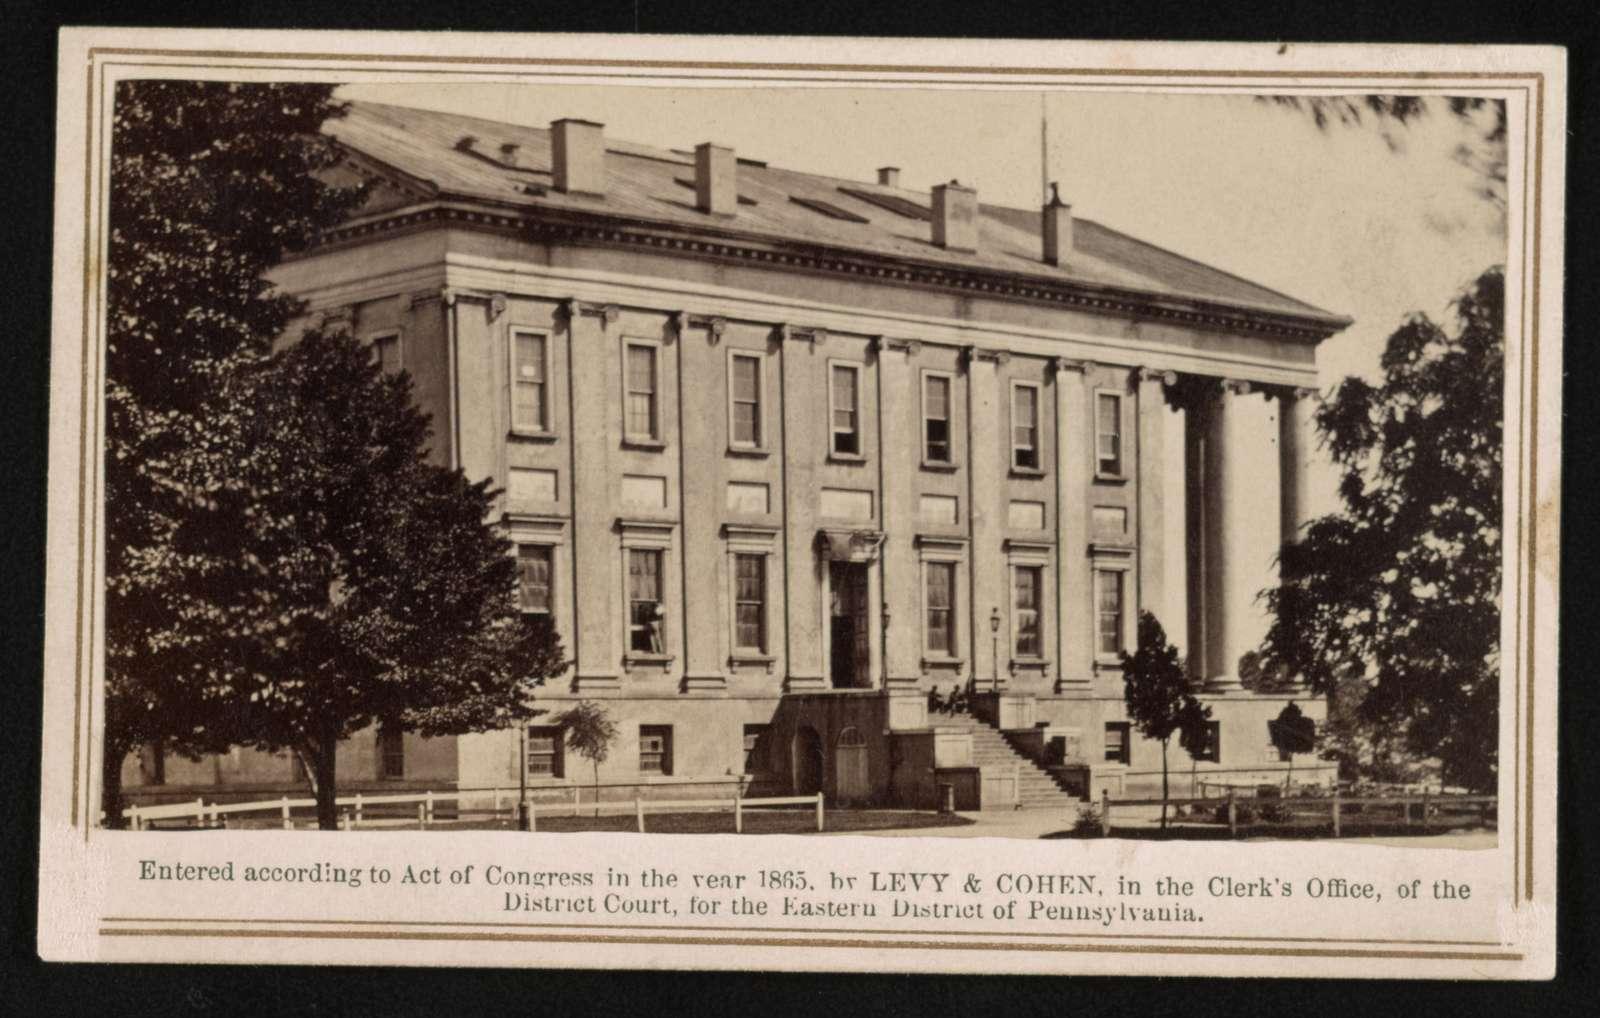 Capitol building / Levy & Cohen.